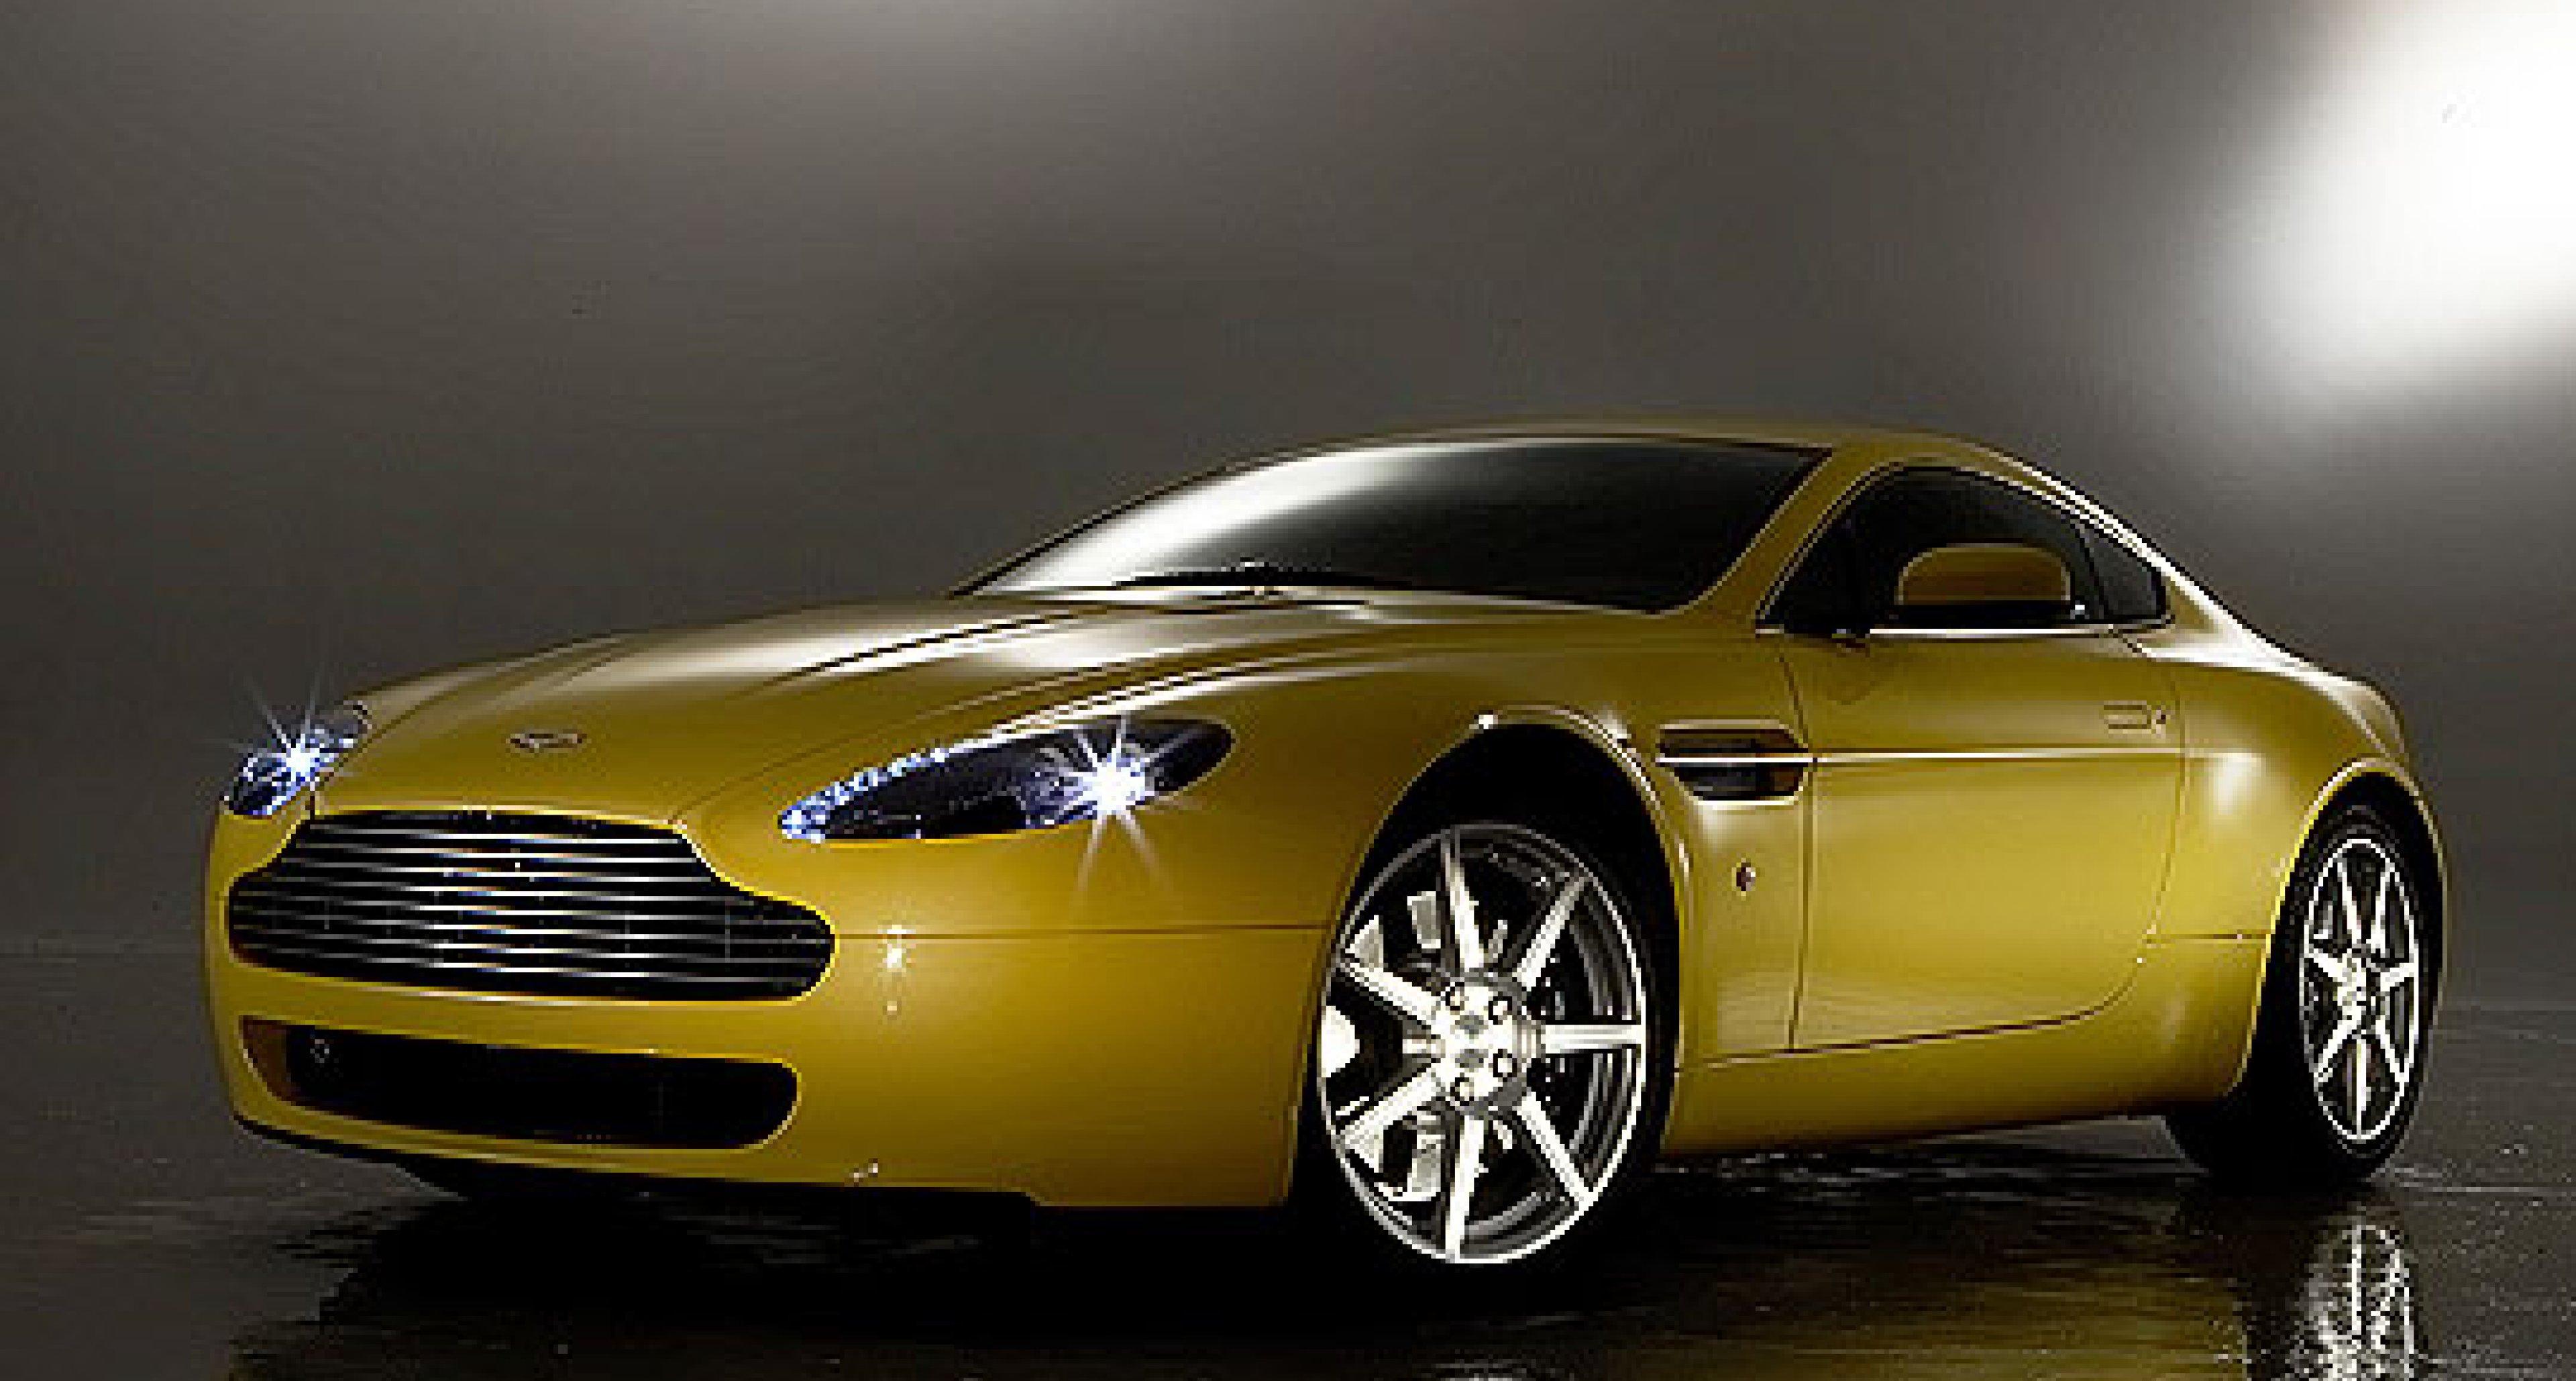 Aston Martin V8 Vantage: Zuffenhausen auf britisch